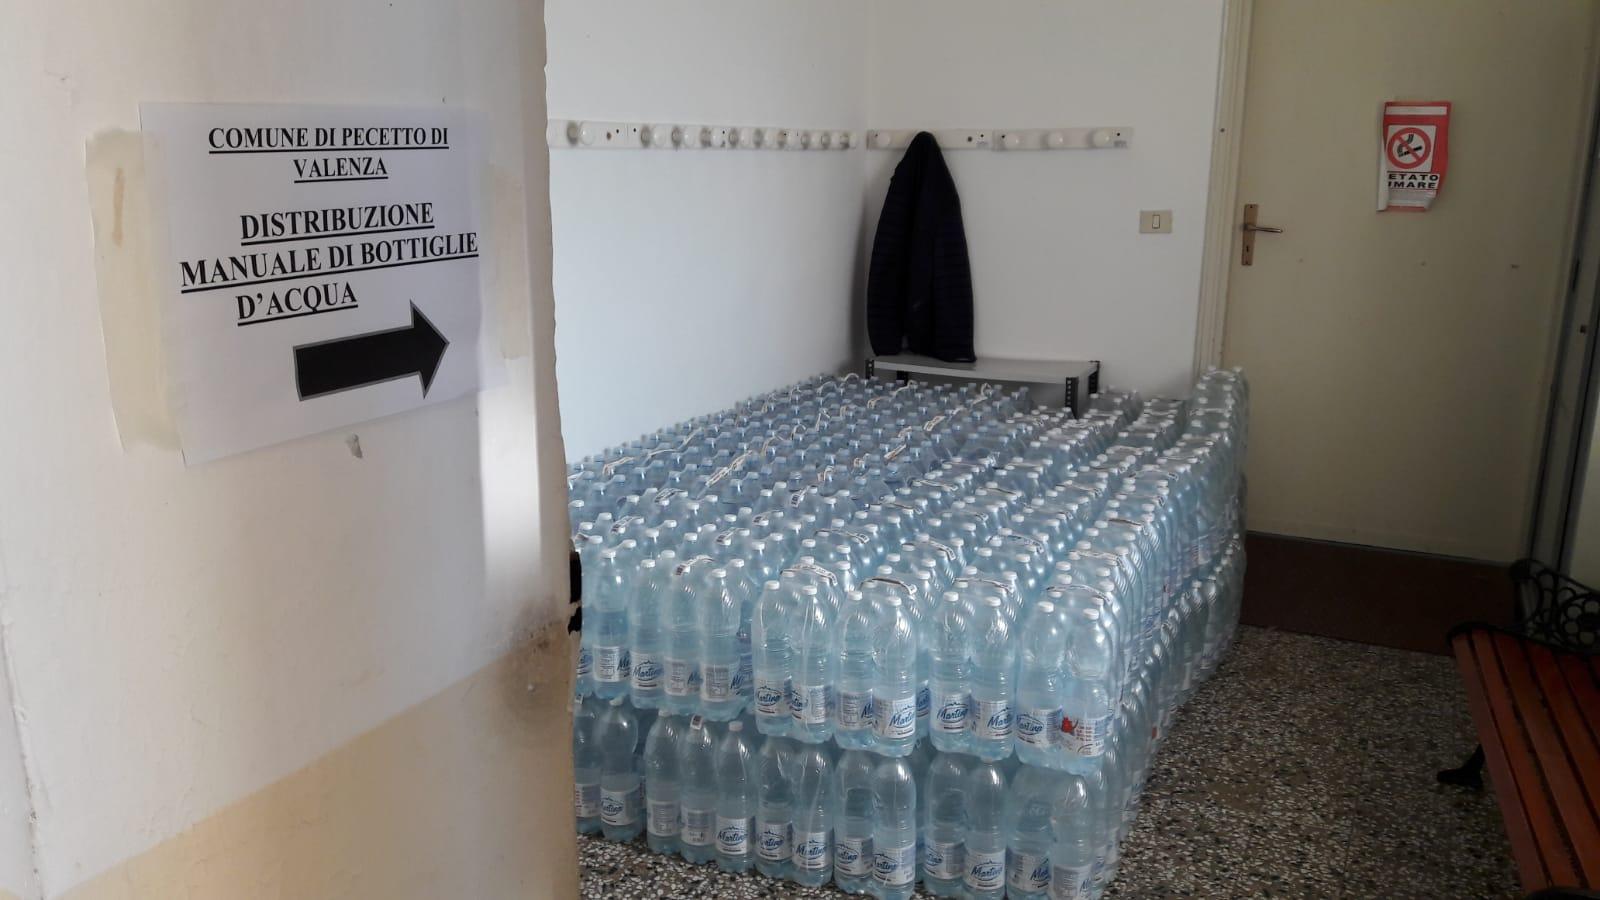 Comune Di Pecetto Torinese un intero paese senz'acqua. ma ora si può di nuovo bere - il